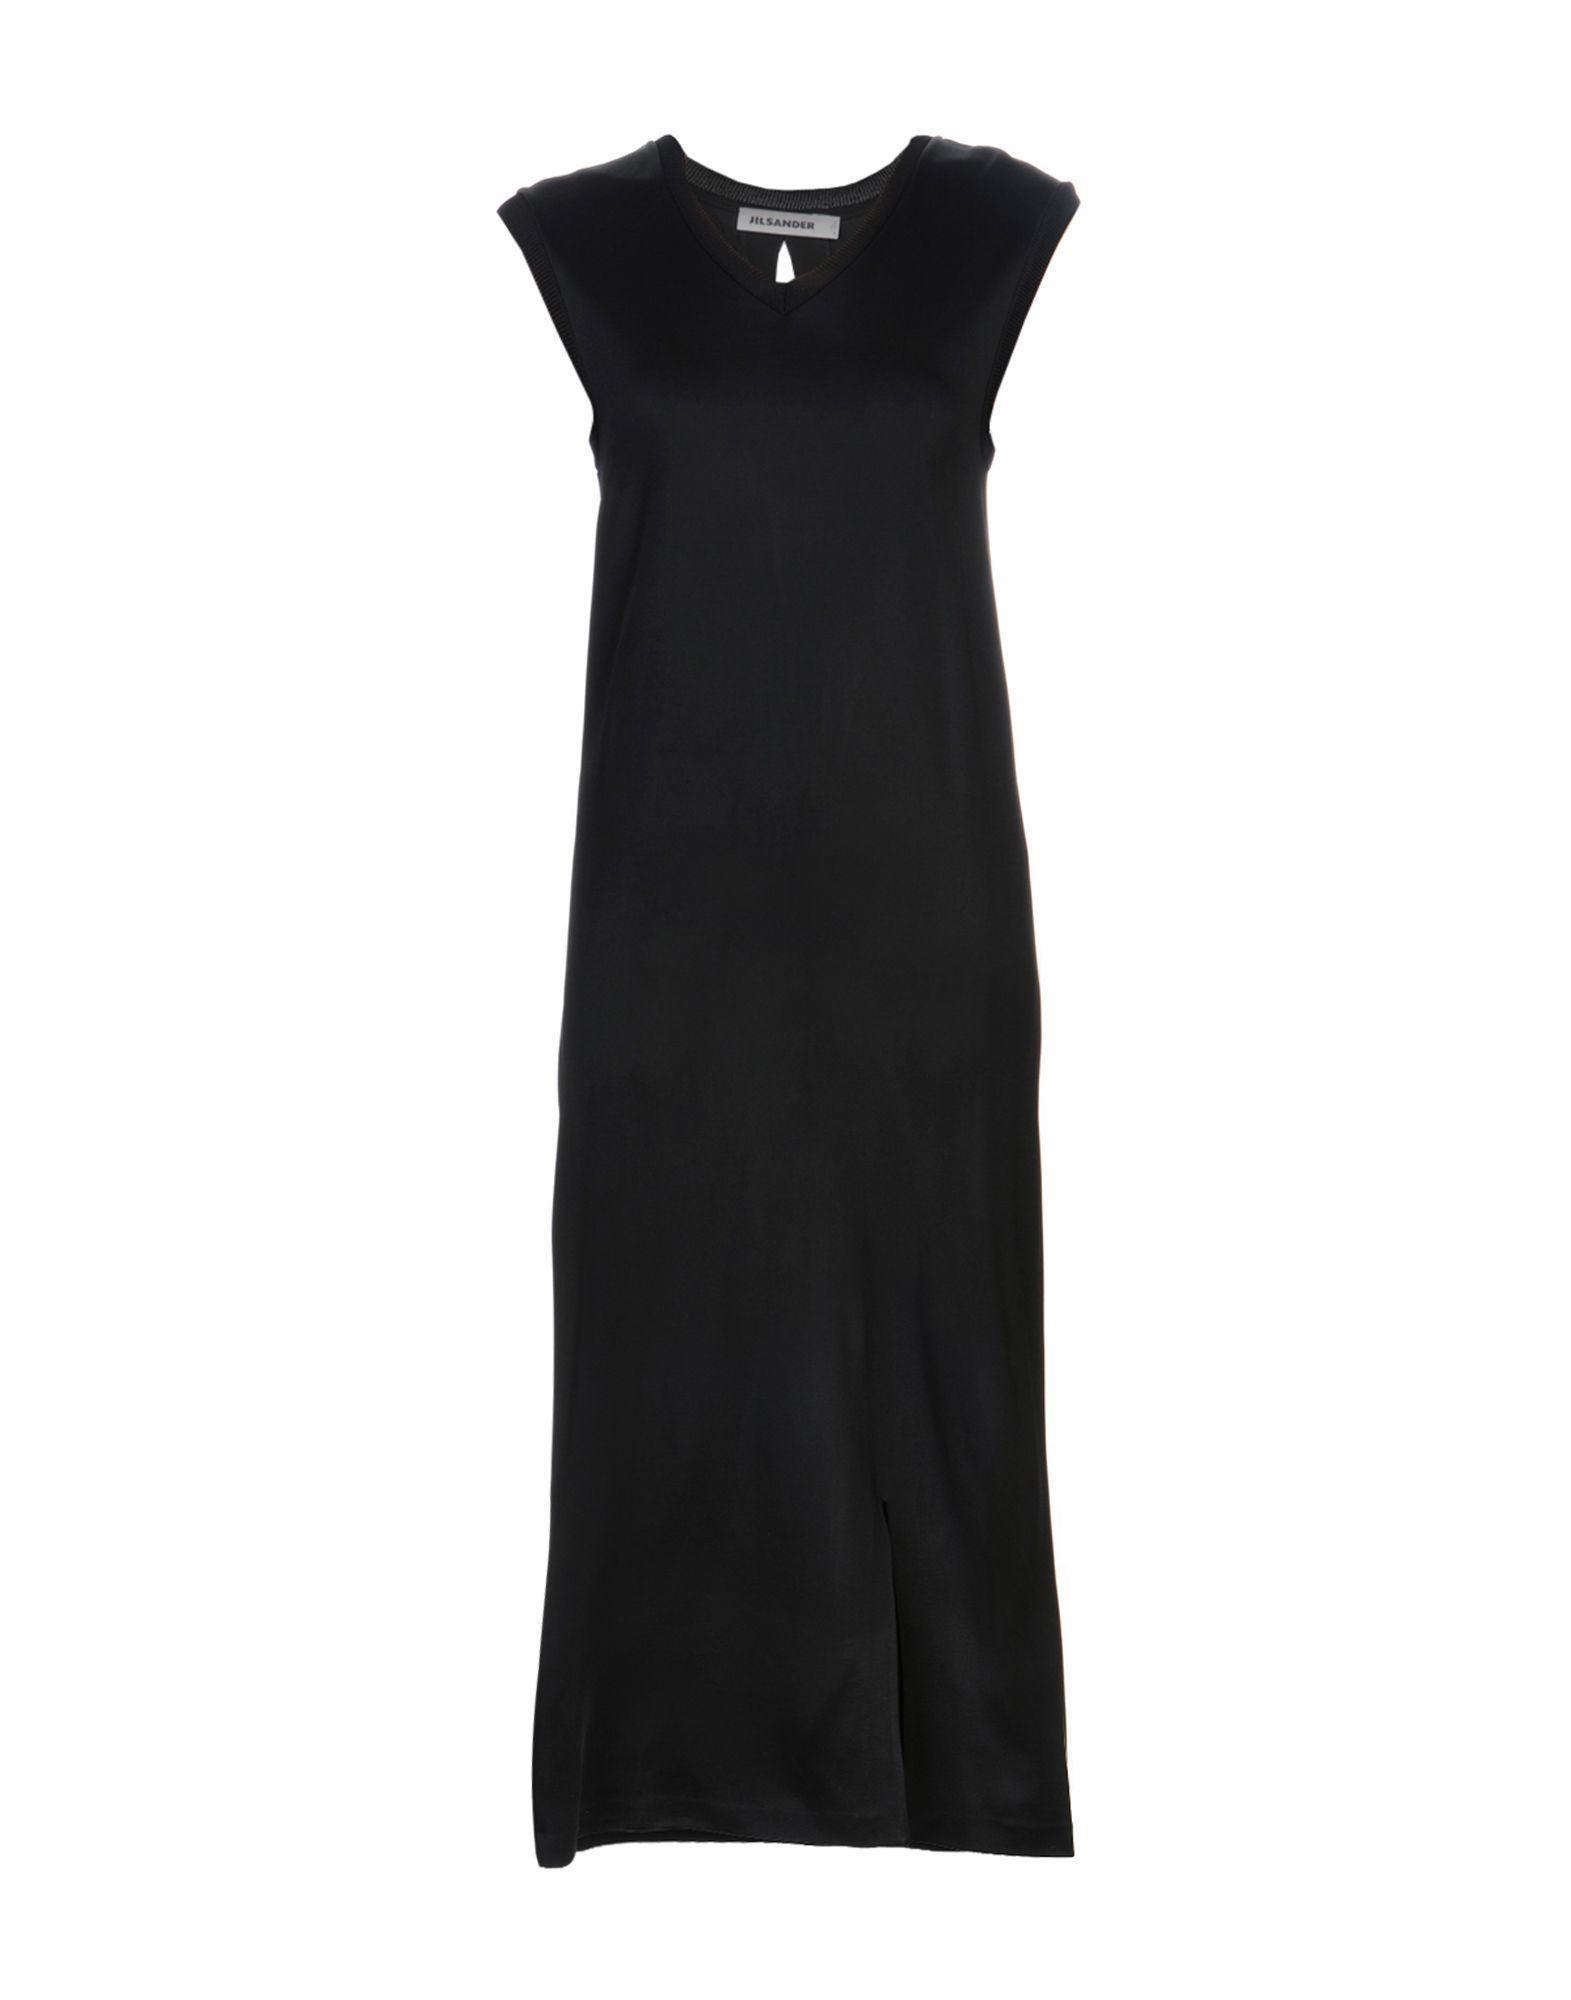 Jil Sander In Black